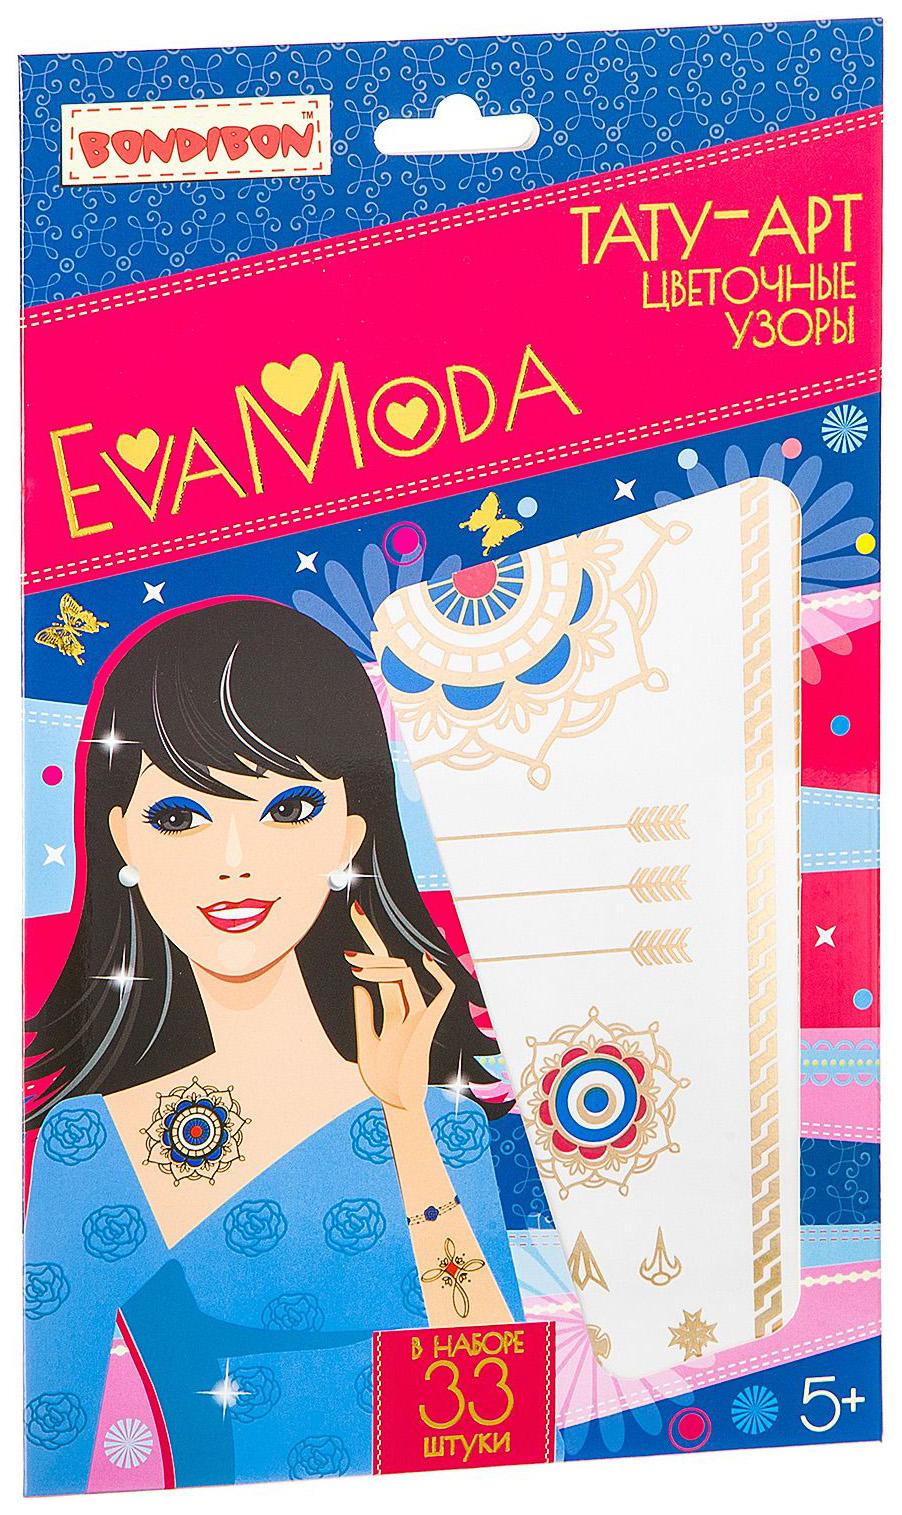 Переводные тату Bondibon EVA MODA Цветочные узоры 33 шт